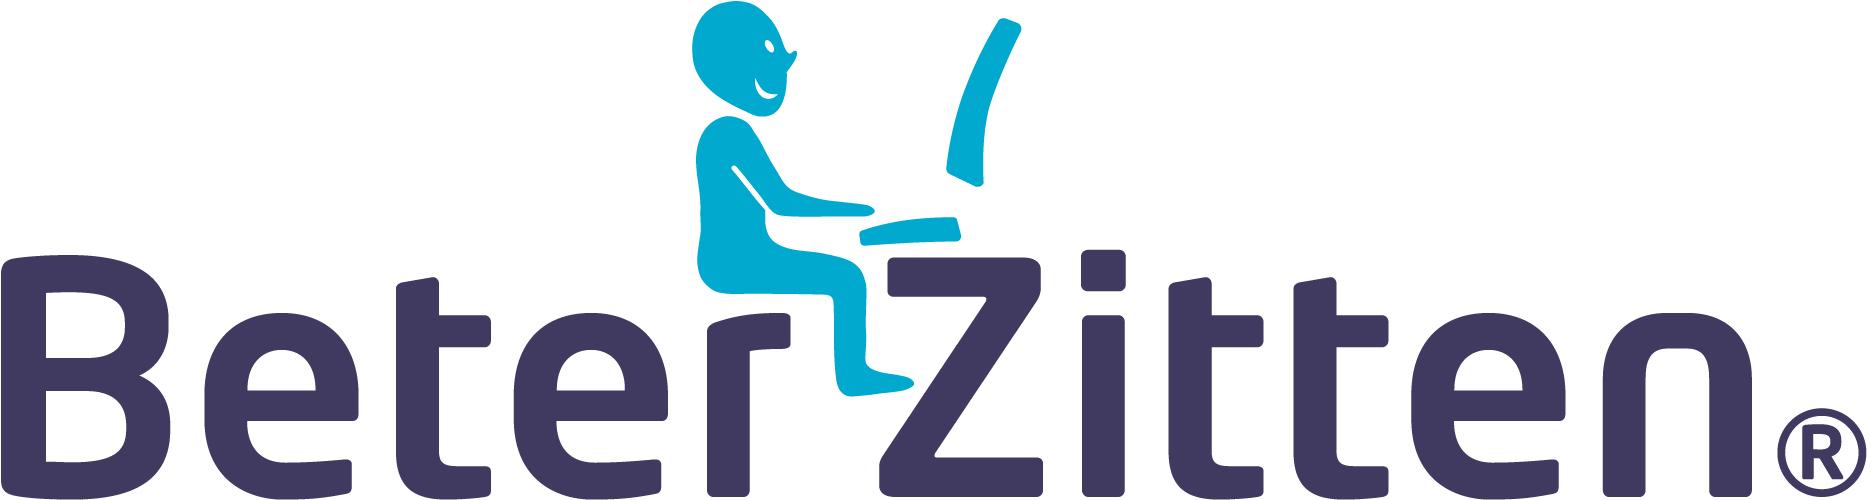 Afbeeldingsresultaat voor logo, beter zitten, nederland